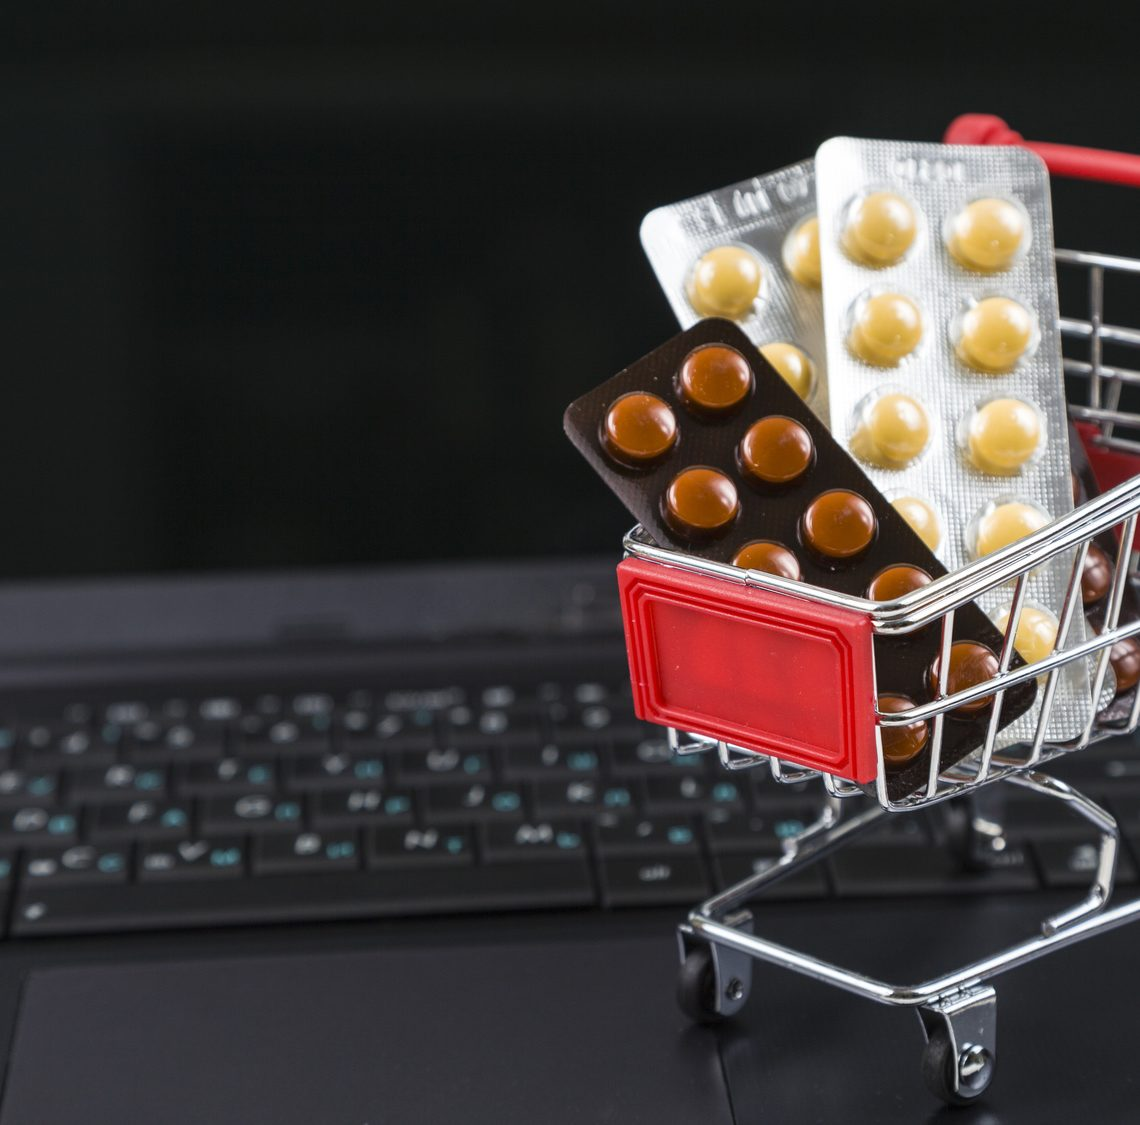 come-riconoscere-farmaci-contraffatti-online-1